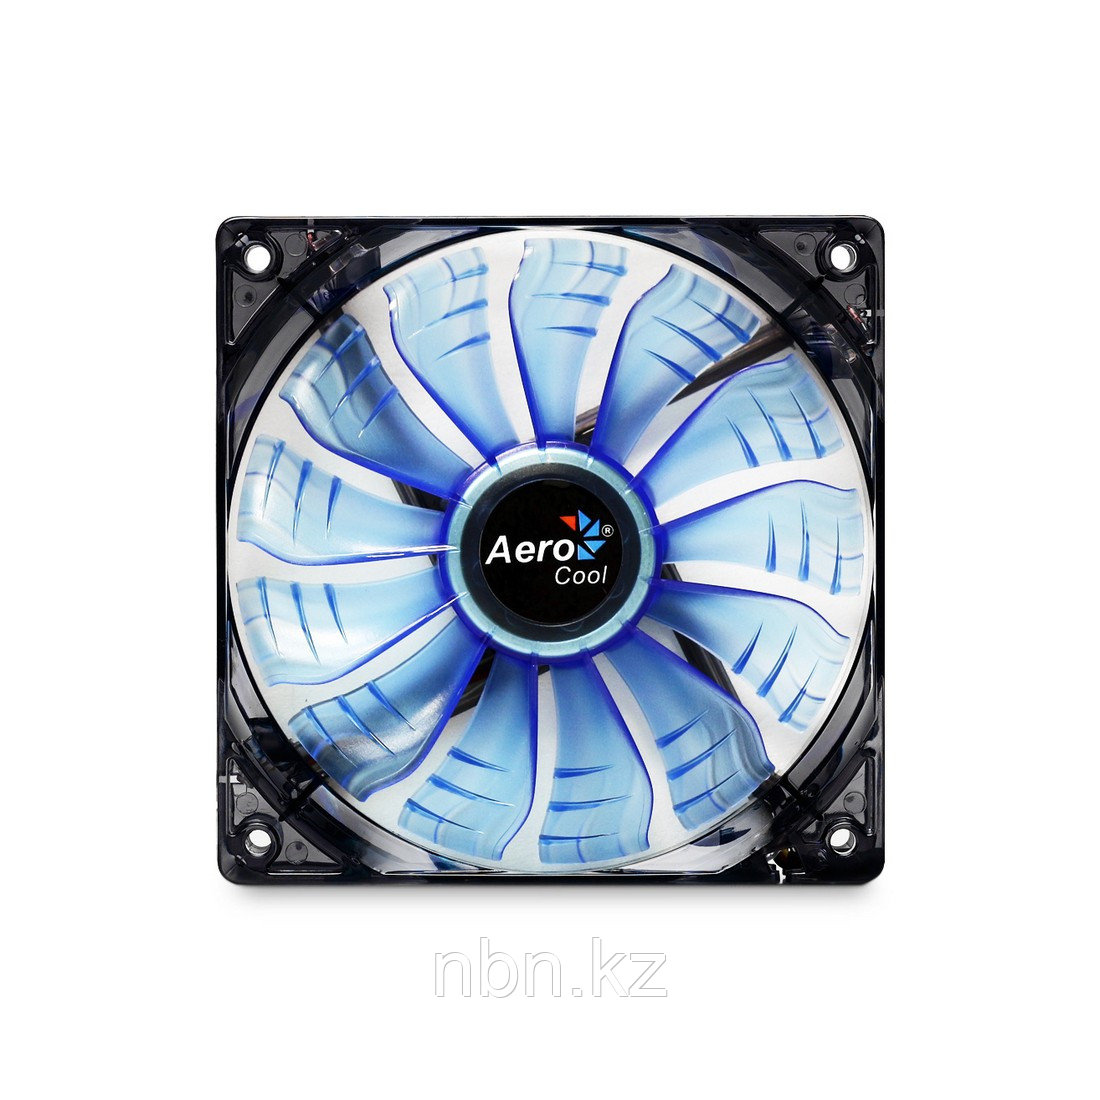 Кулер для компьютерного корпуса AeroCool 14см AIR Force Blue Edition